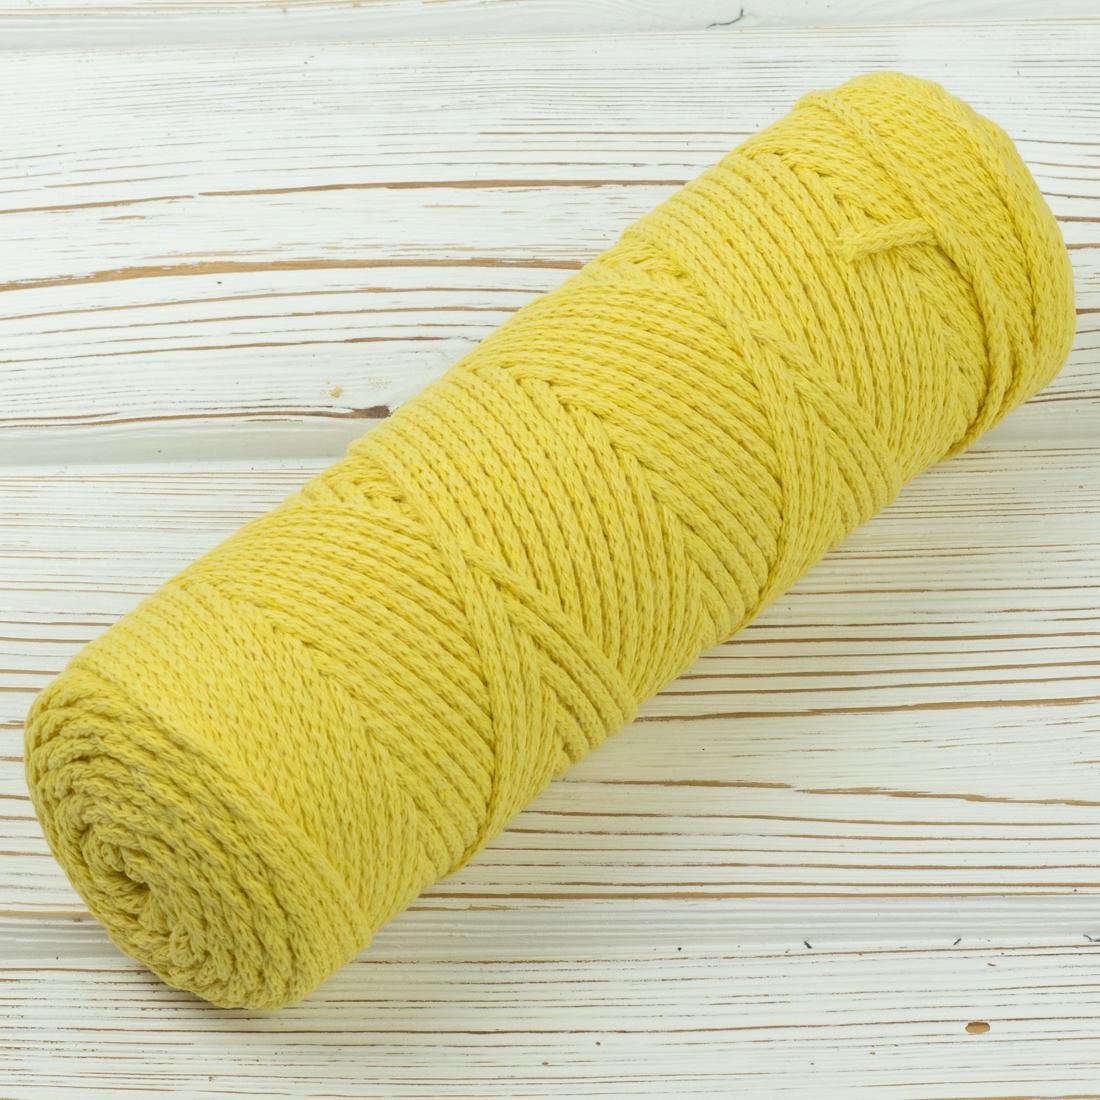 Хлопковый шнур Шнур 3мм Желтый IMG_6007.jpg